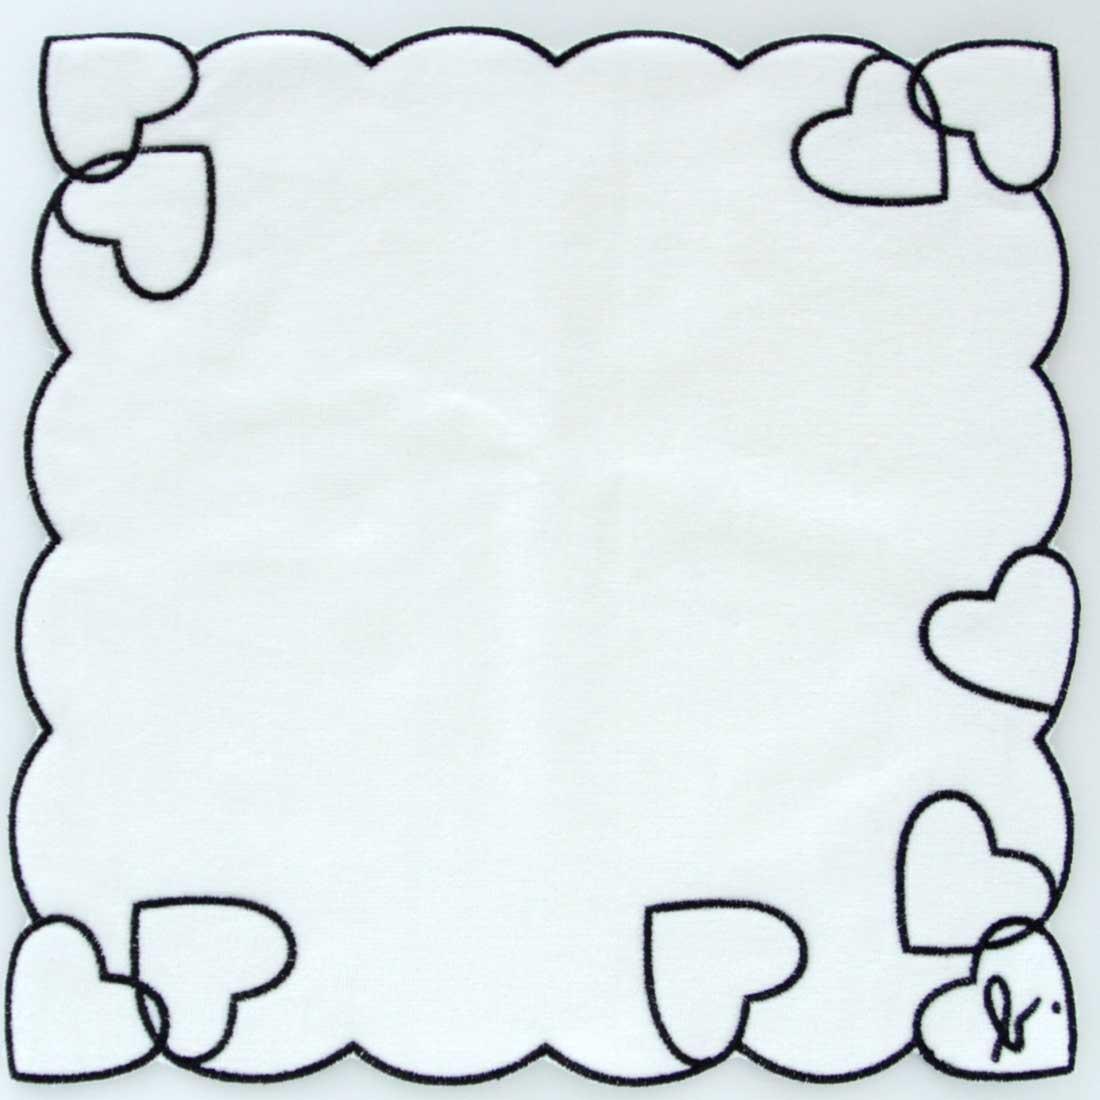 アニエスベー タオルハンカチ 0504 ホワイト 【agnes b】